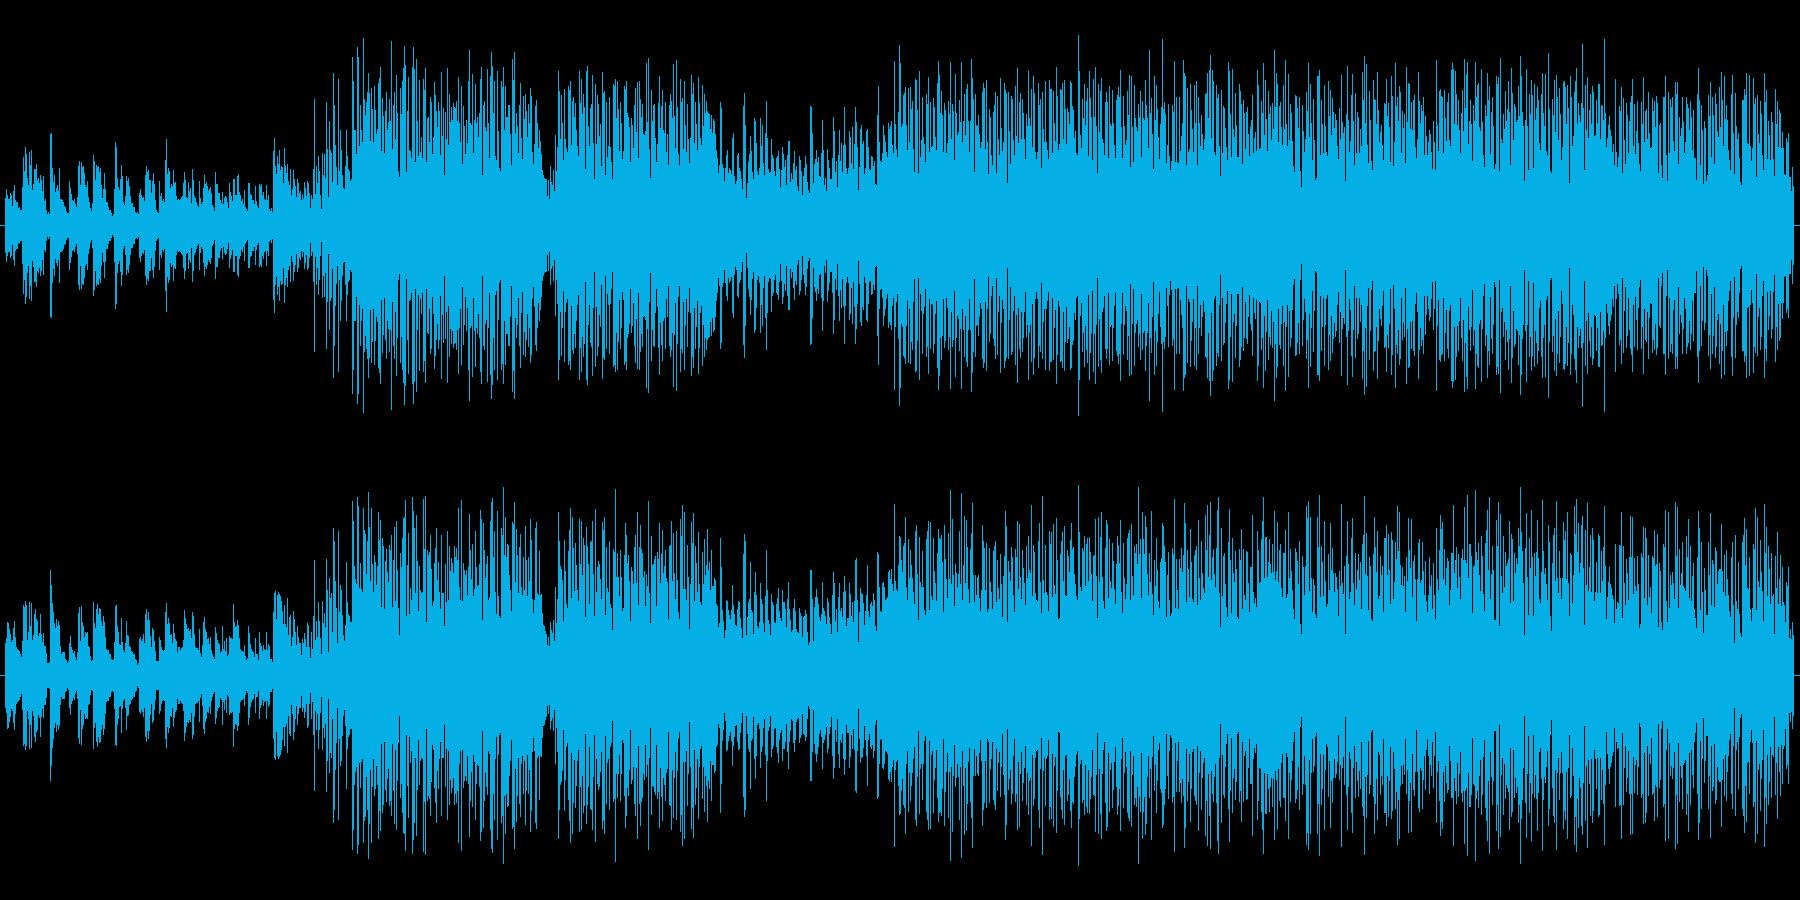 個性的!EDM,HIPHOP,レゲトンの再生済みの波形